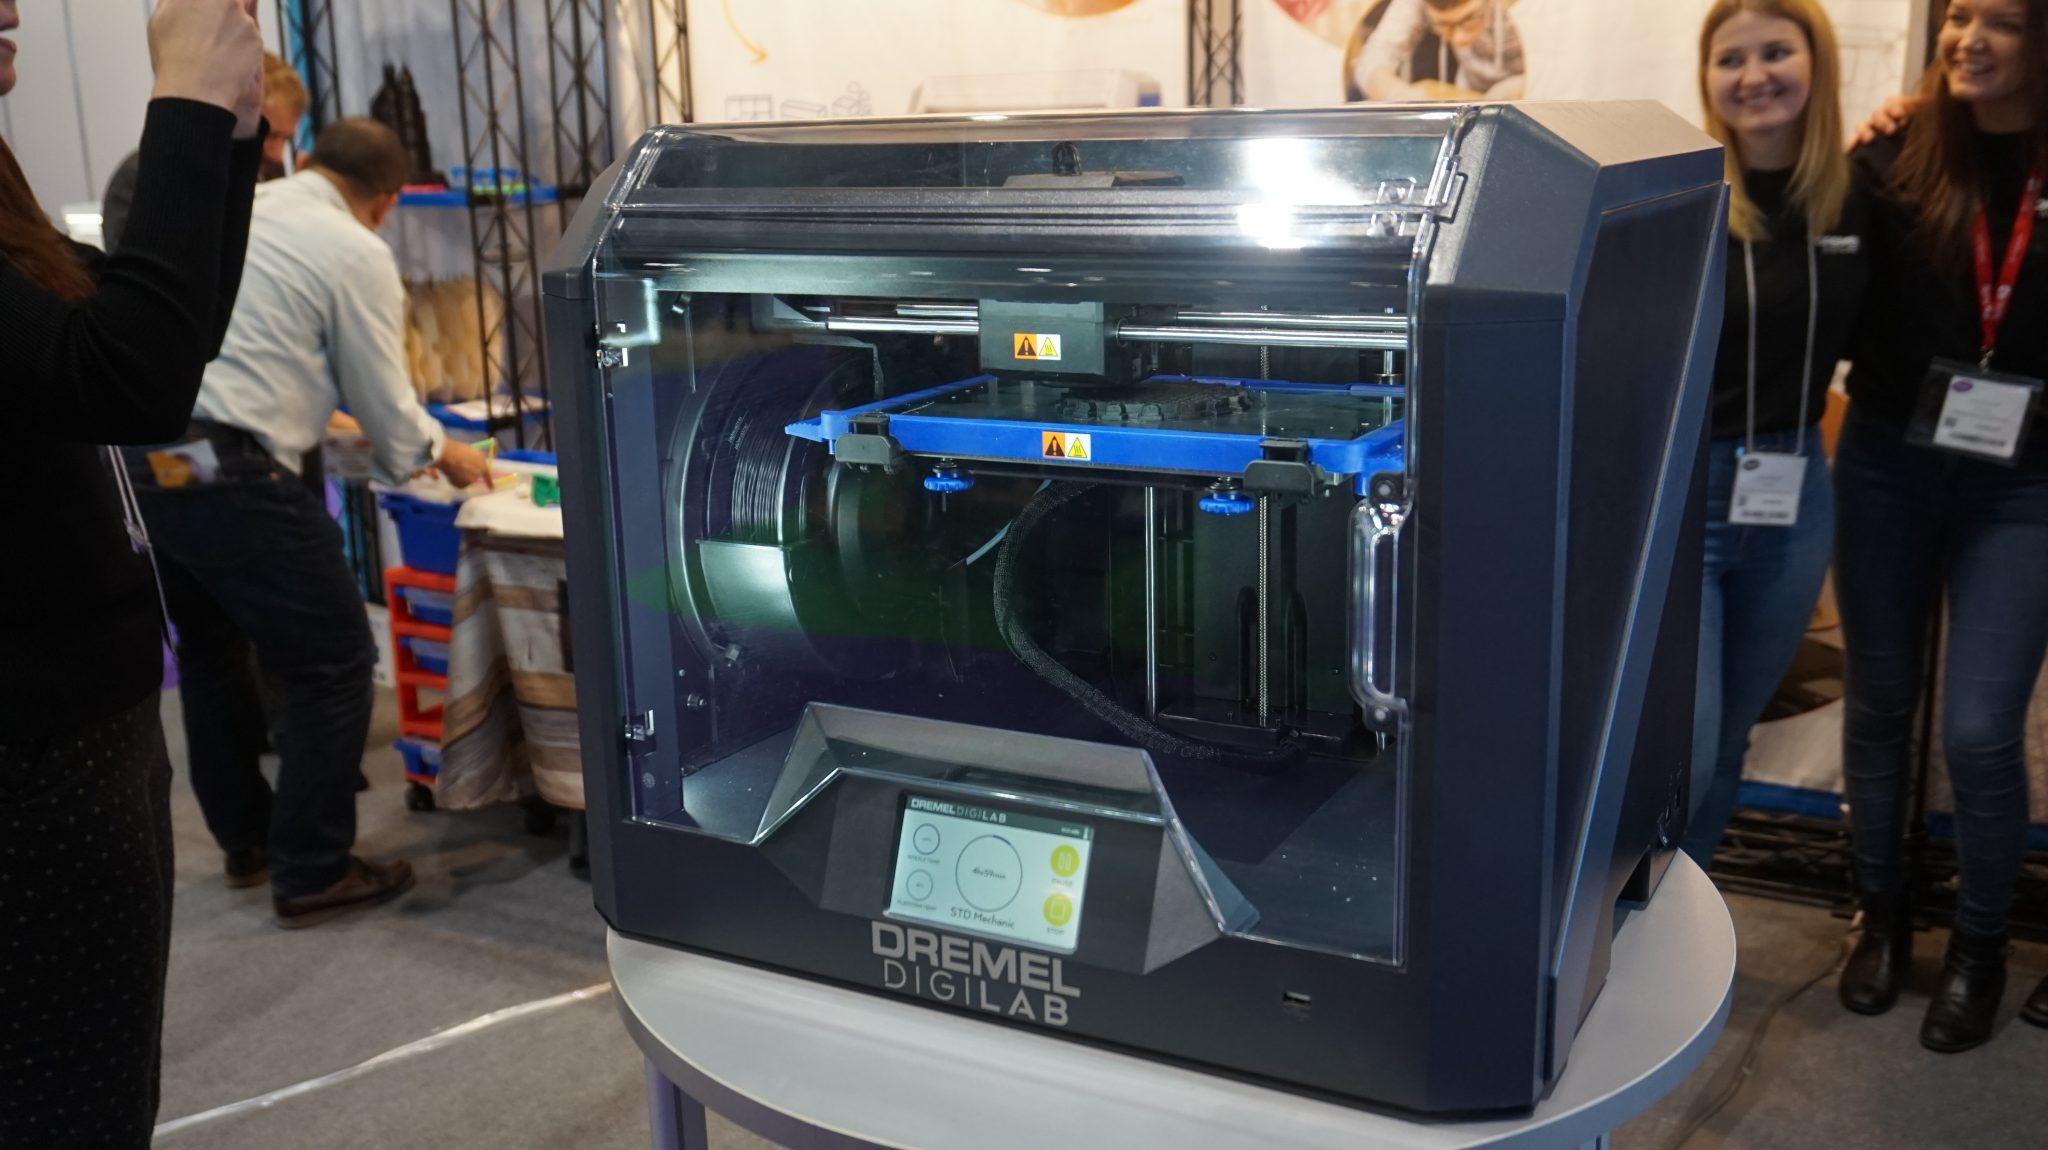 Dremel digilab 3d45 3d printer technical specifications for 3d setup builder